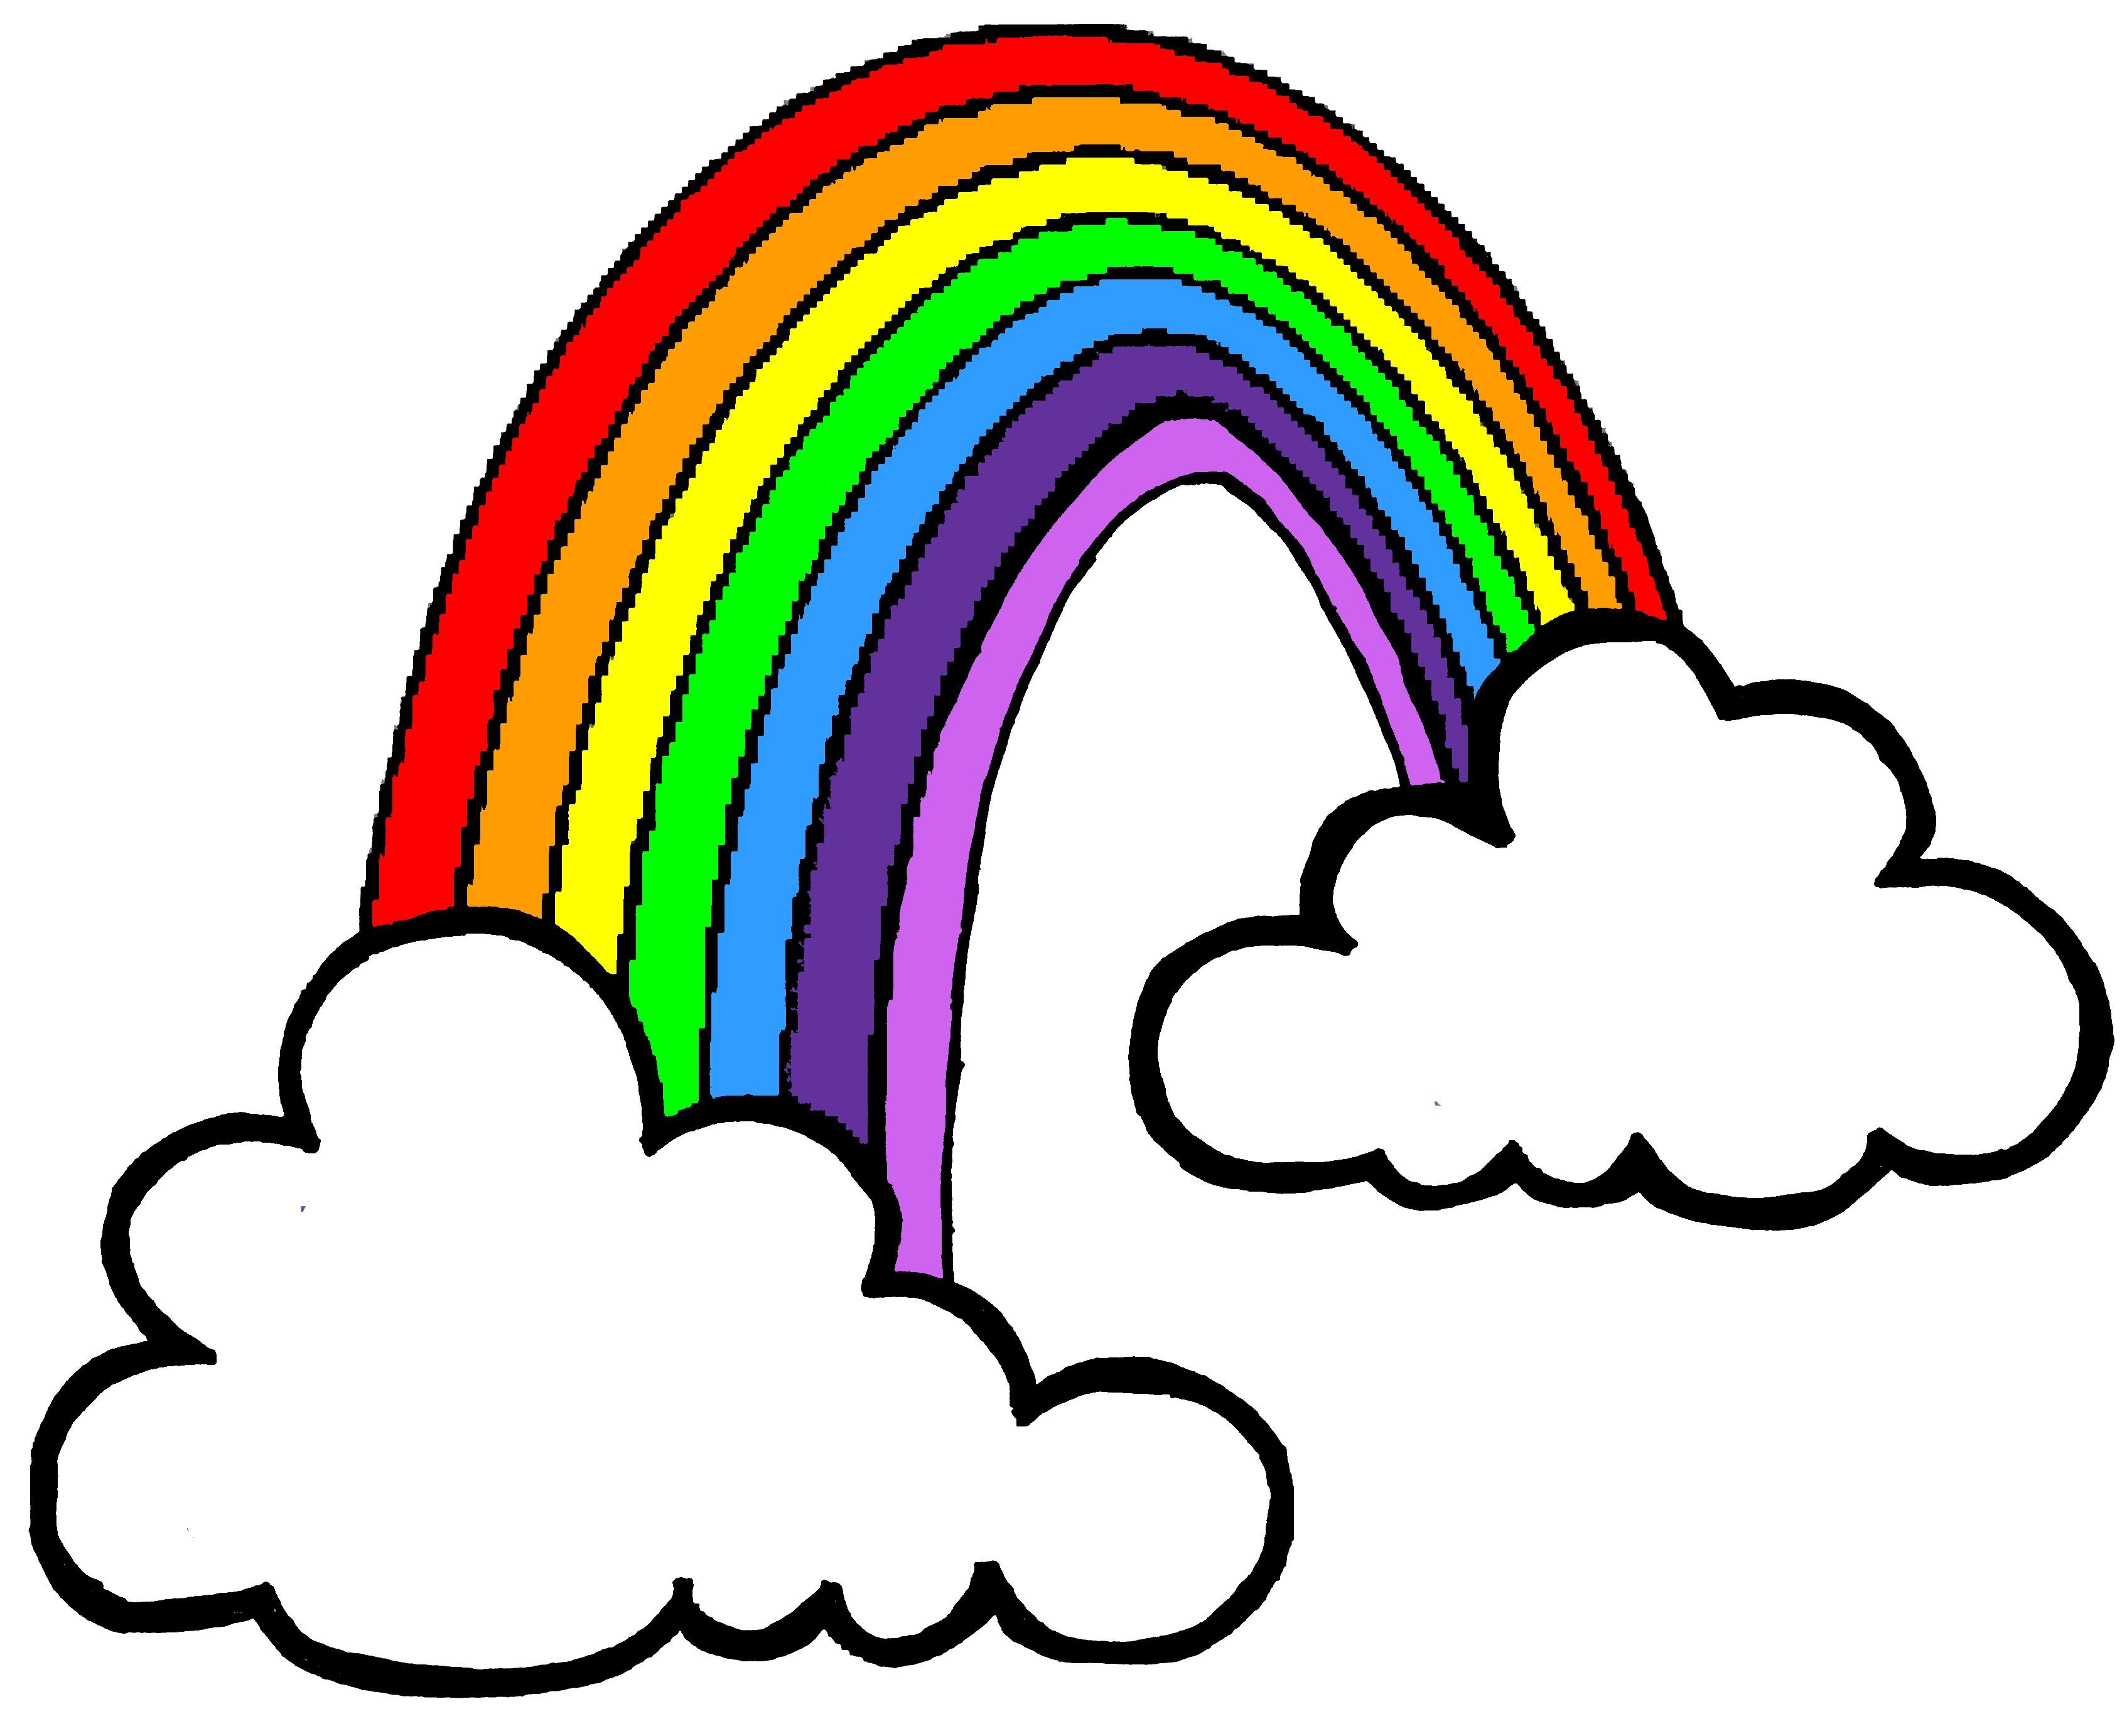 3380x2765 Bampw Clipart Rainbow